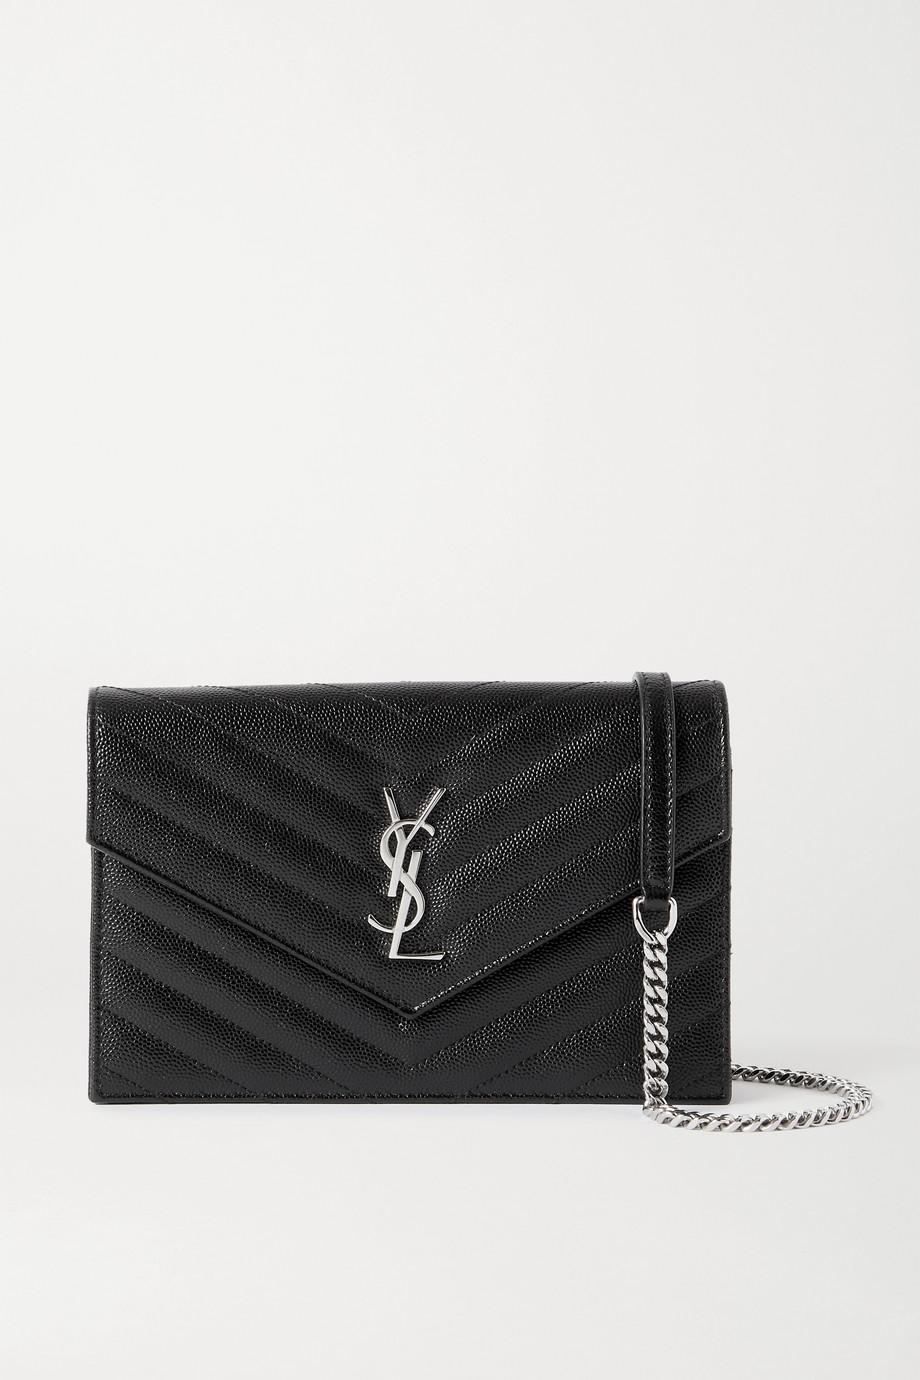 SAINT LAURENT Envelope textured-leather shoulder bag